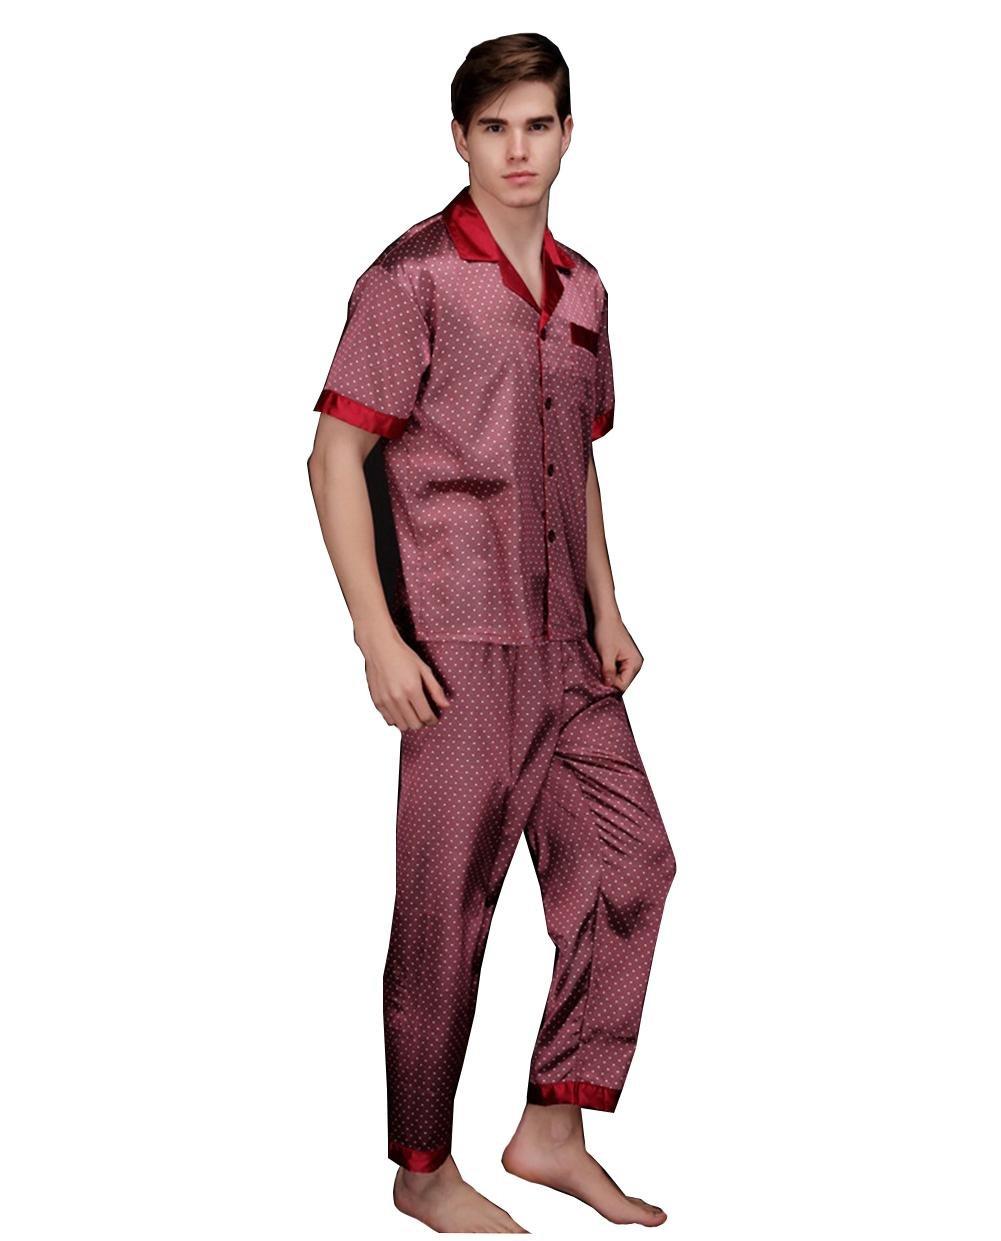 de los hombres Conjuntos de pijama Primavera y otoño Suit Collar Long Sleeves + Trousers Ropa de dormir Hombres Moda Ropa de casa Seda lujo Baños Sauna ropa ...